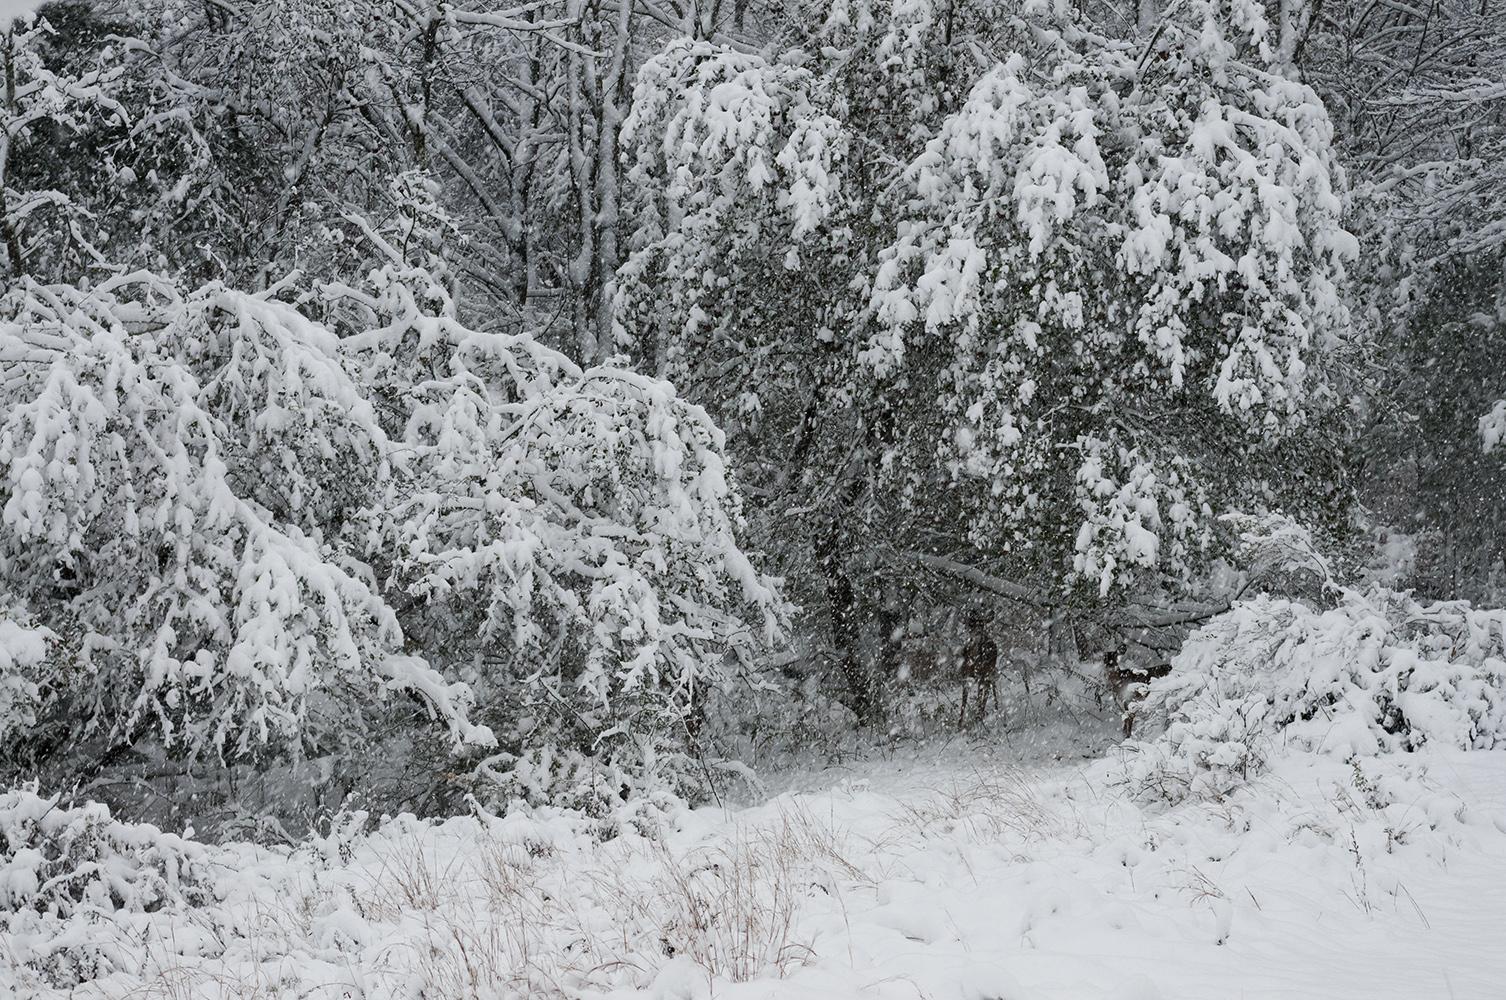 Catskills Winter